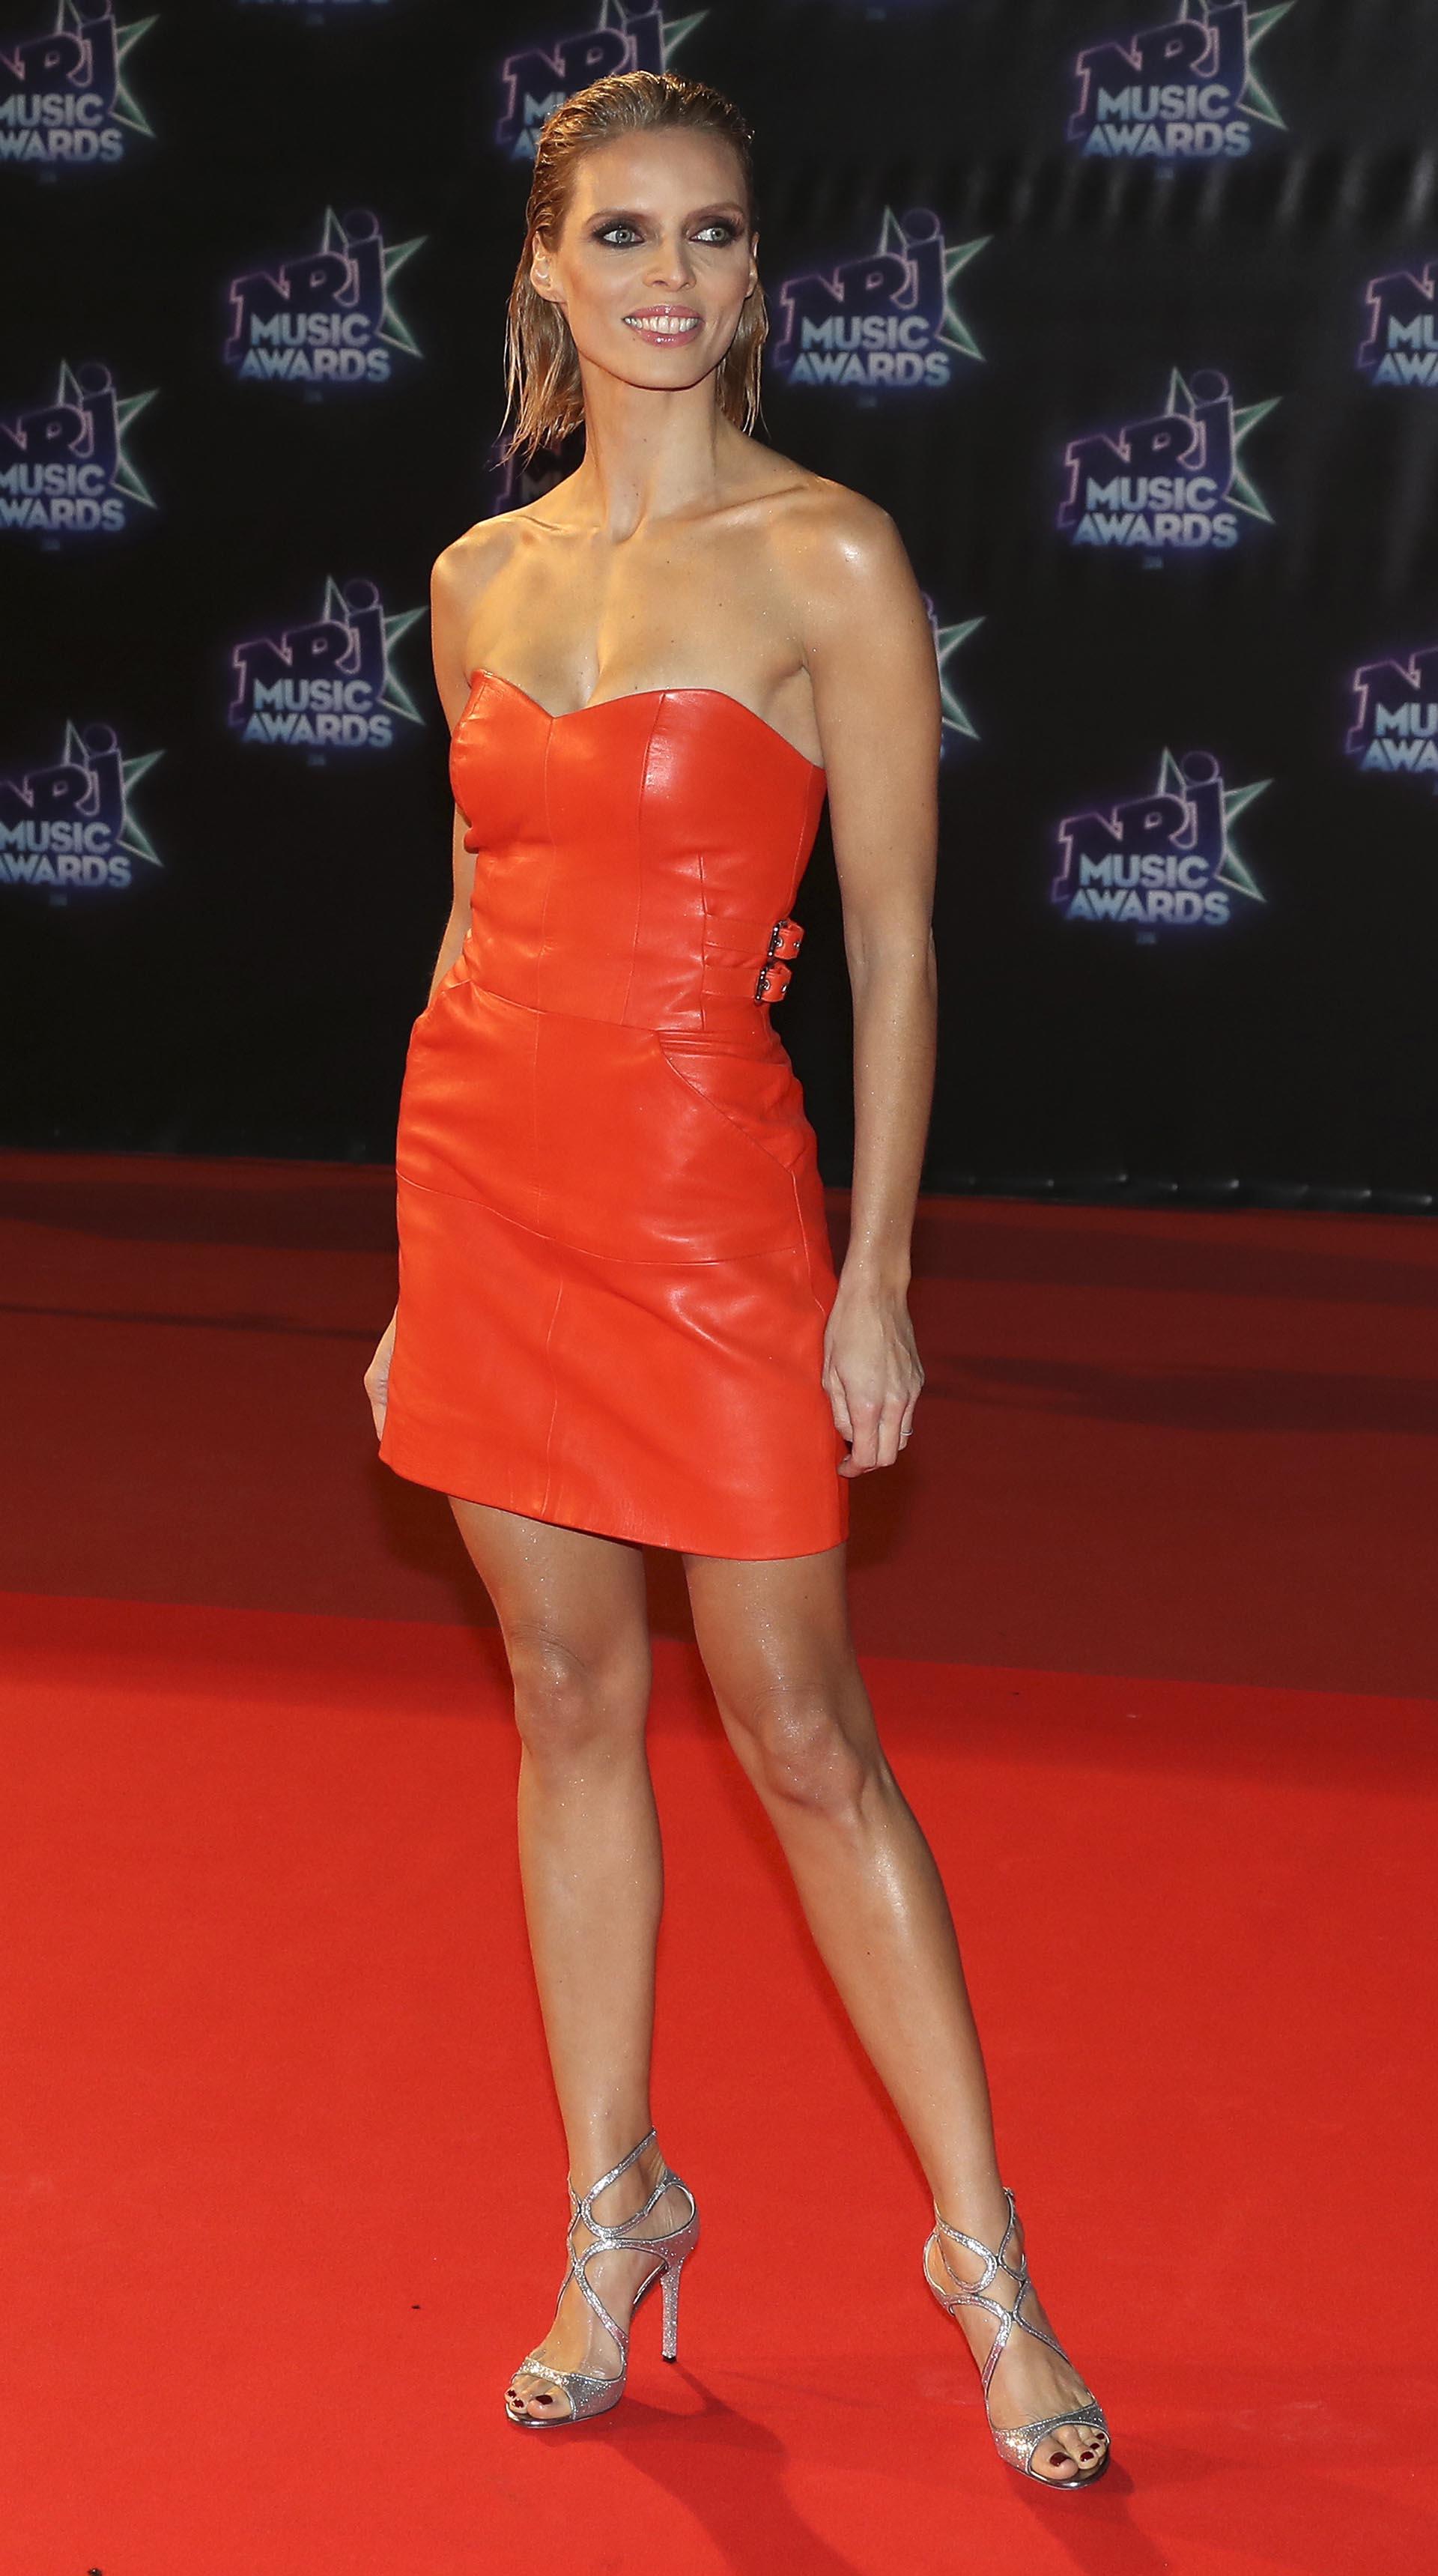 Vestido rojo y sandalias plata para la modelo Sylvie Tellier